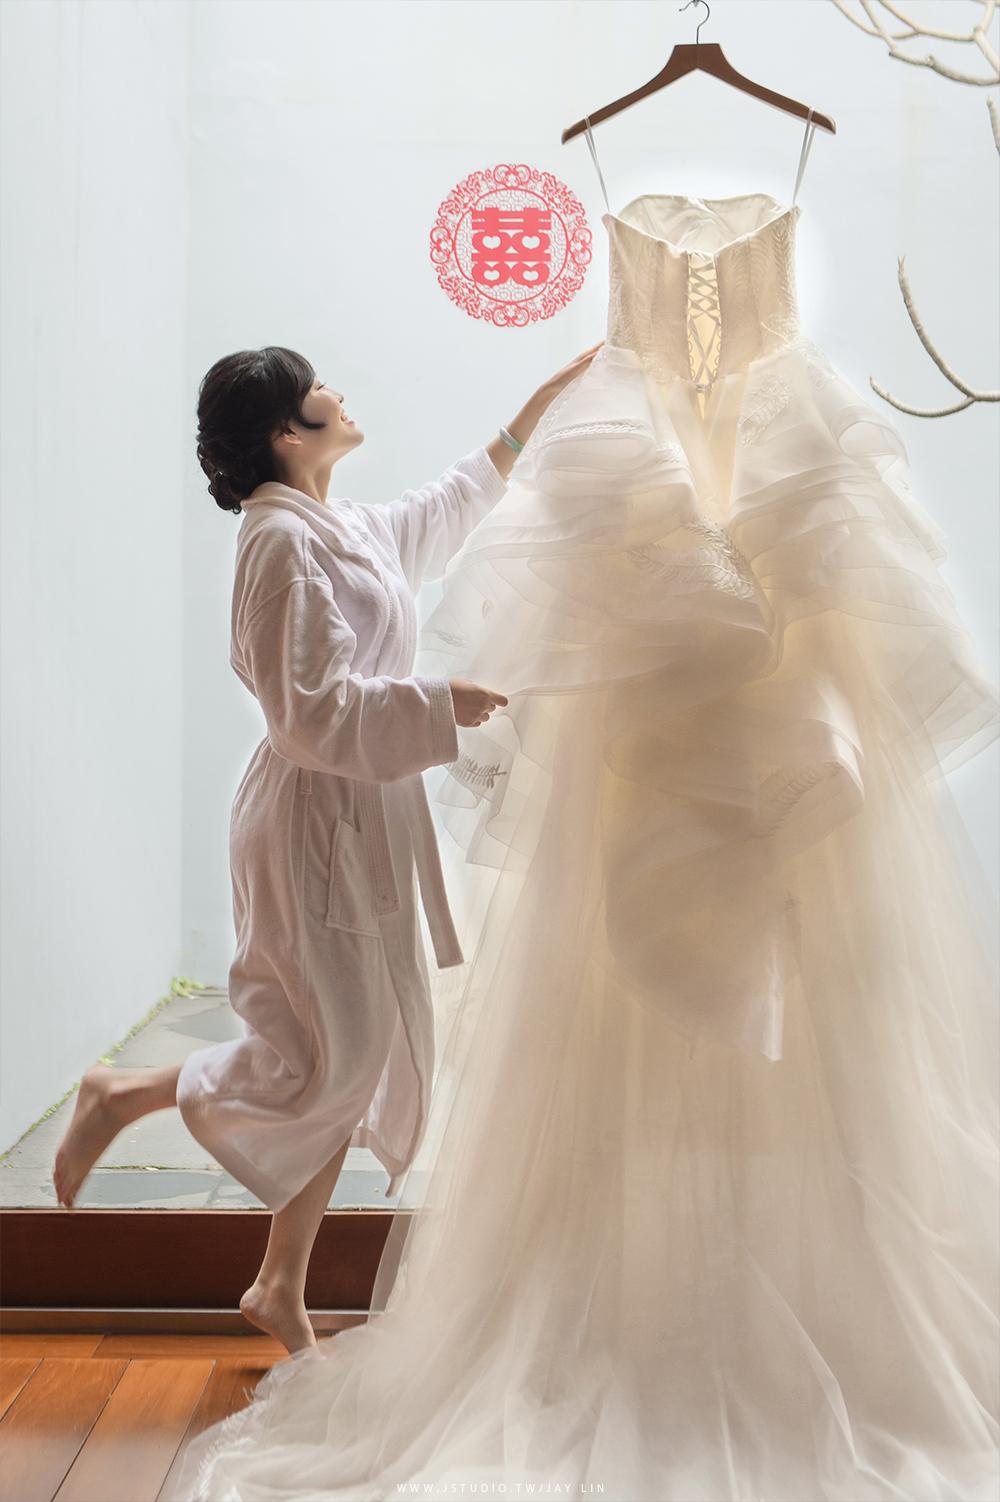 婚攝 日月潭 涵碧樓 戶外證婚 婚禮紀錄 推薦婚攝 JSTUDIO_0050